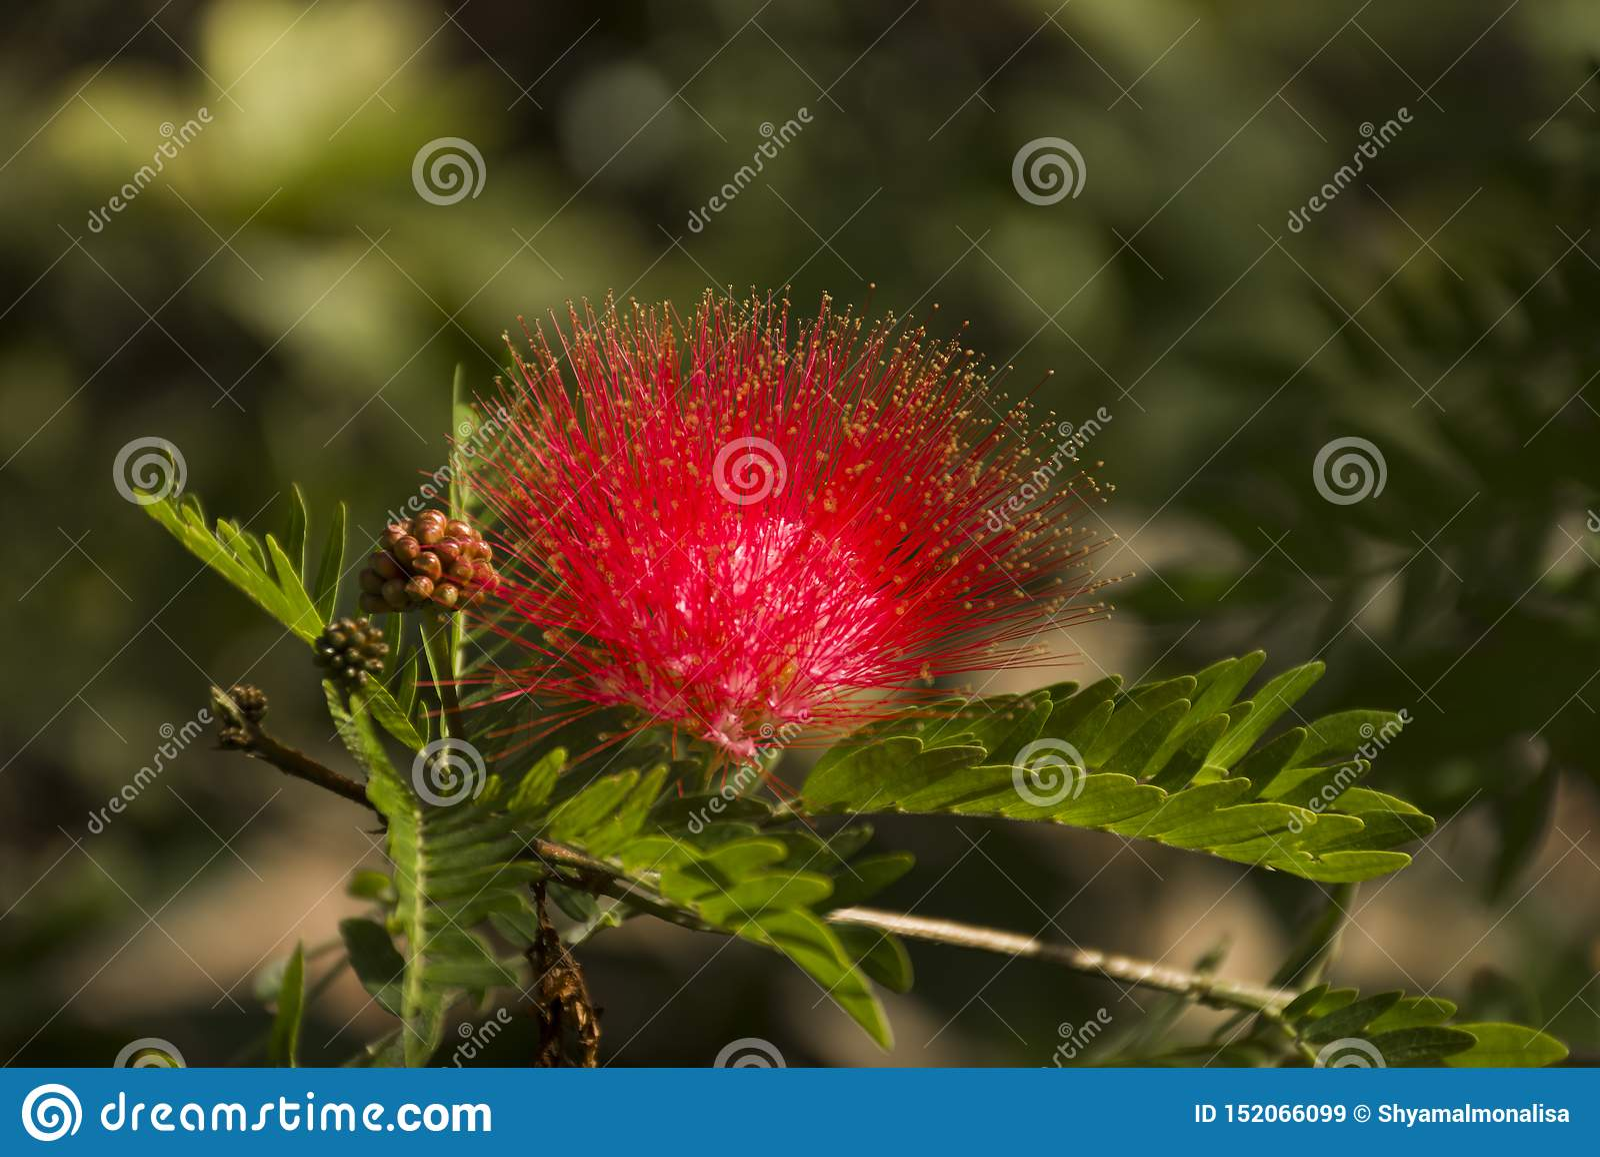 Mooie rode bloem die in het park bloeien openlucht